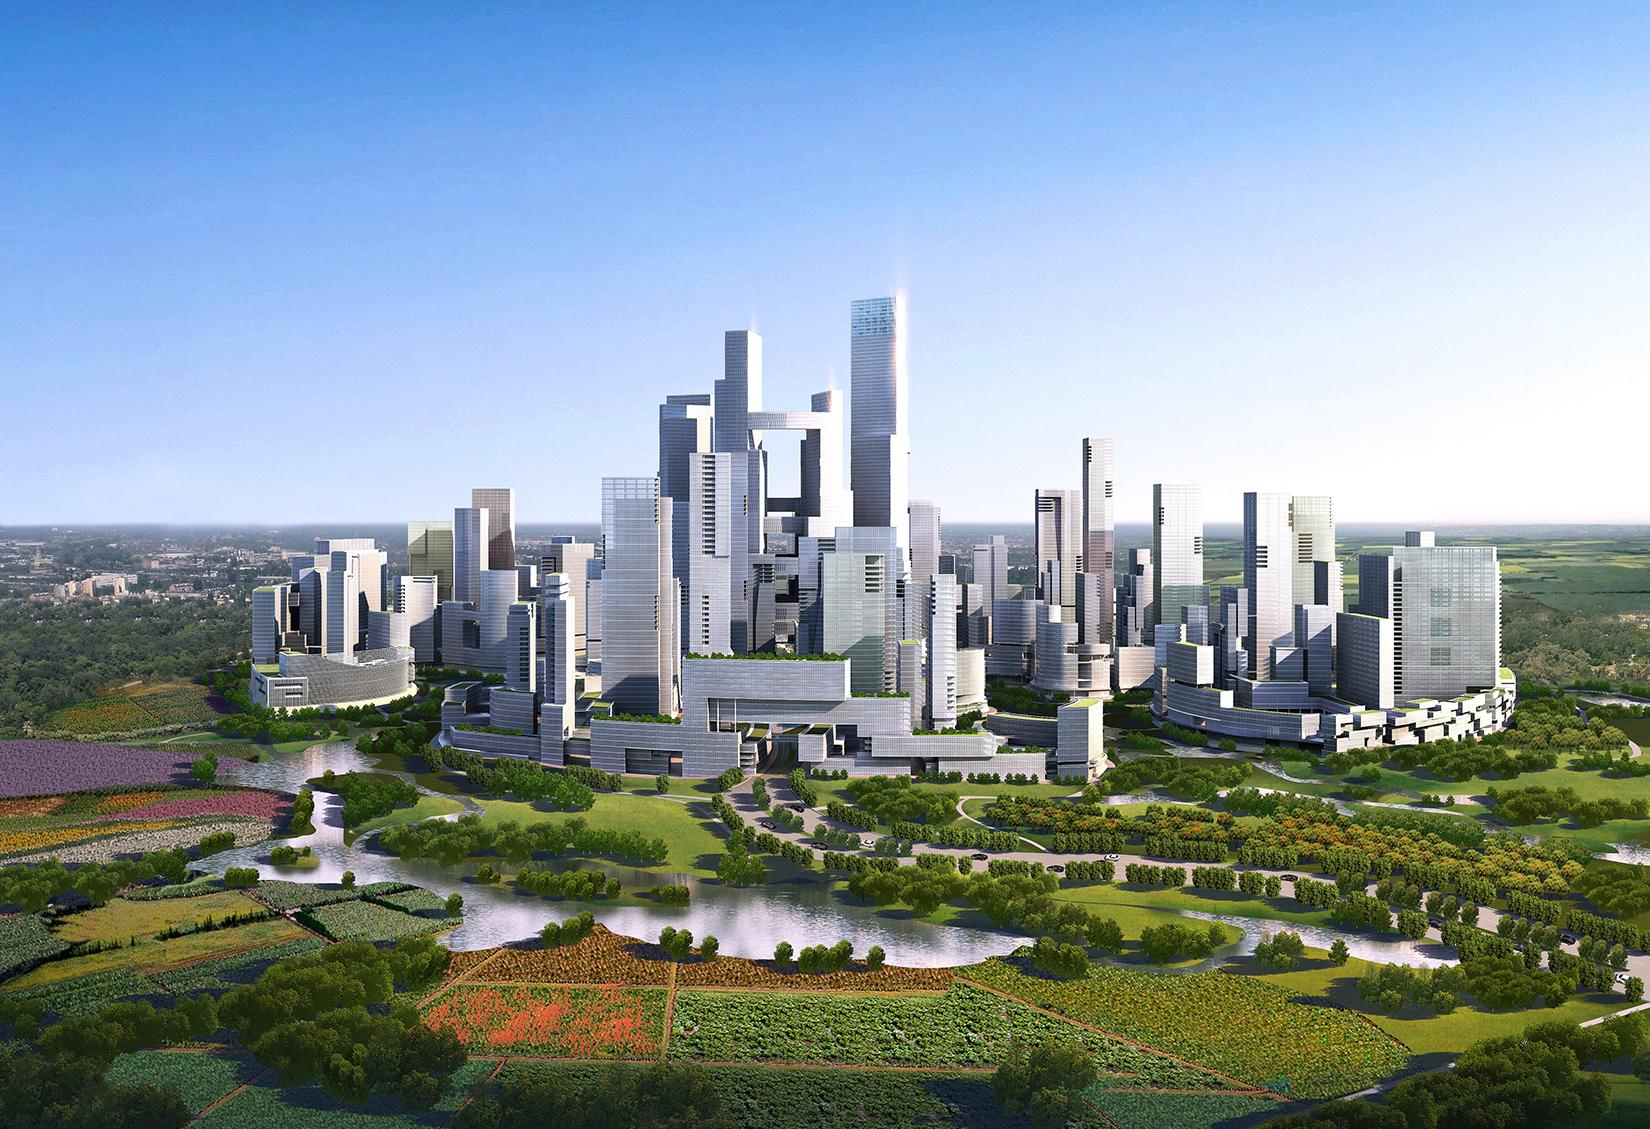 Tianfu Ecological City overall